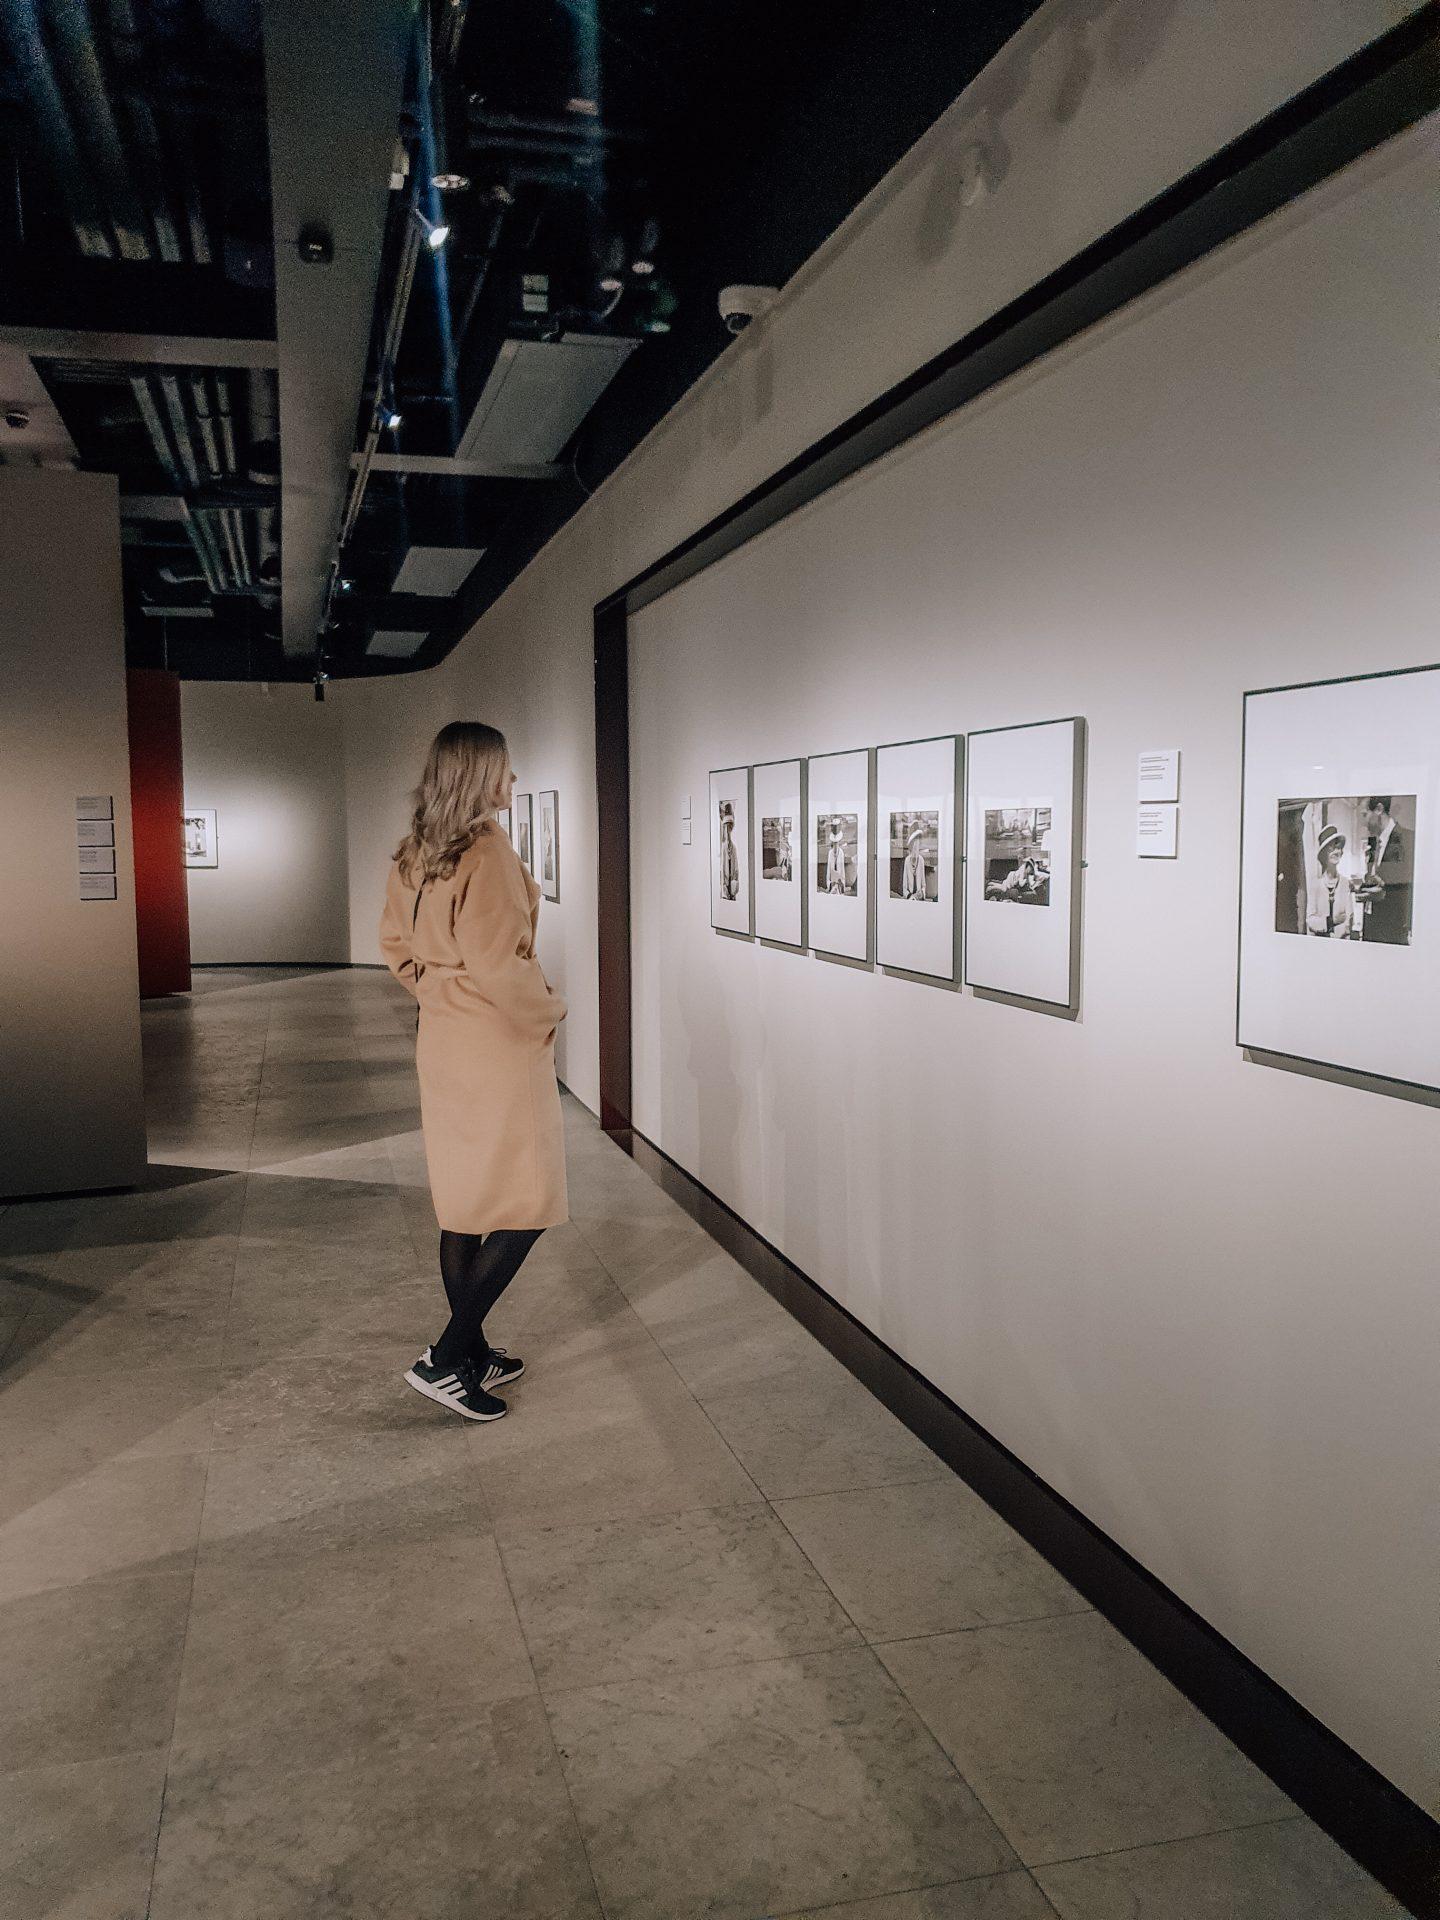 katsomassa Doulgas Kirklandin valokuvanäyttelyä